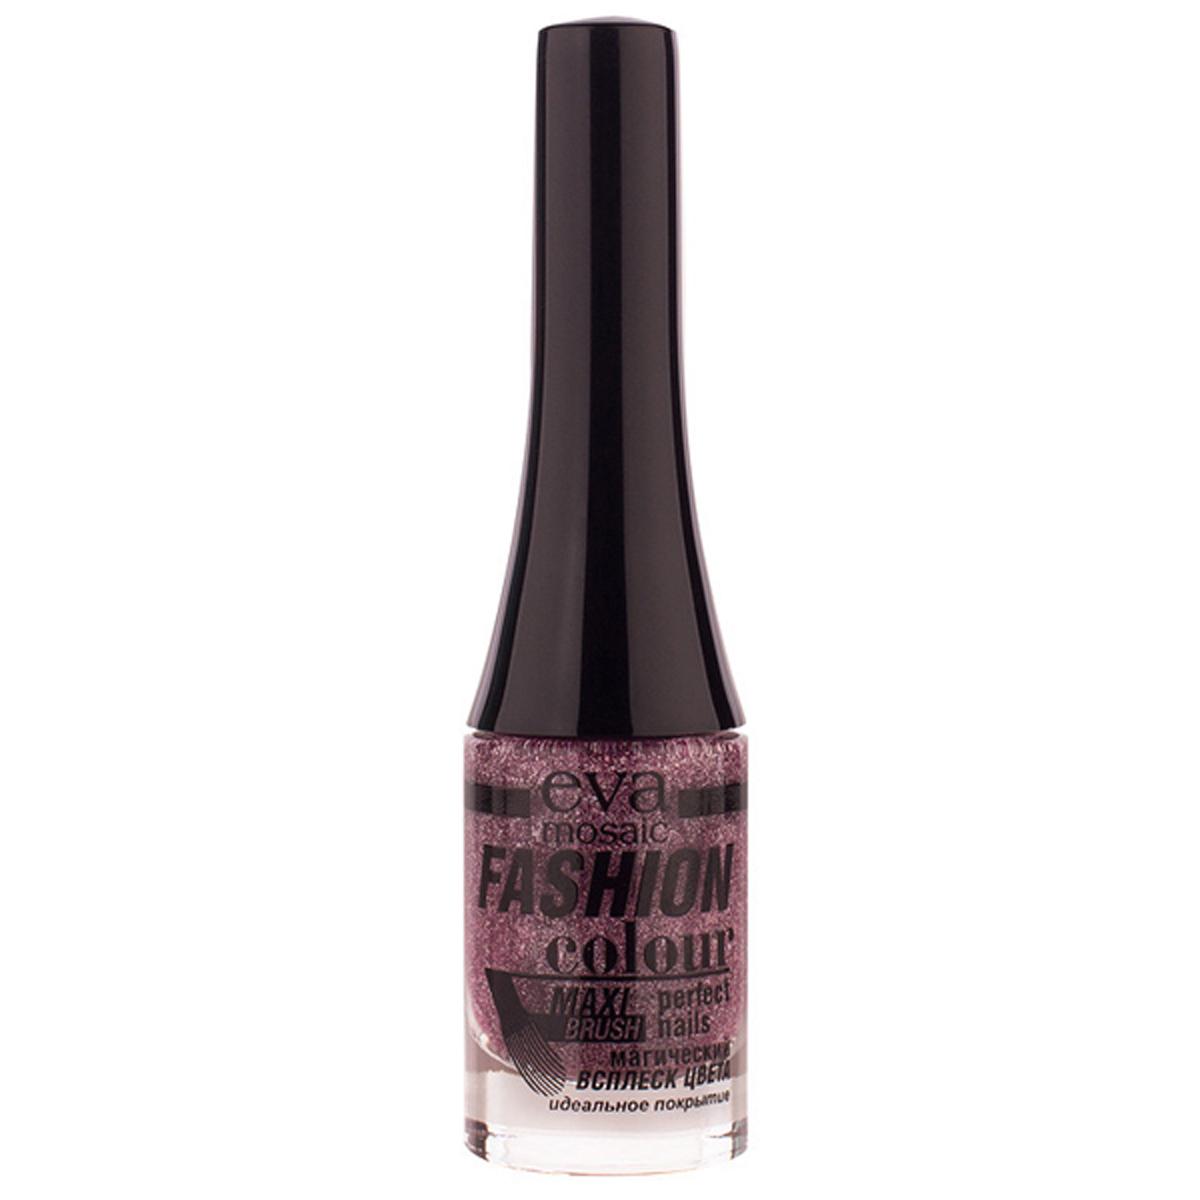 Eva Mosaic Лак для ногтей Fashion Colour, 6 мл, 062 Розовая Радуга685400Стойкие лаки для ногтей в экономичной упаковке небольшого объема - лак не успеет надоесть или загустеть! Огромный спектр оттенков - от сдержанной классики до самых смелых современных тенденций.- легко наносятся и быстро сохнут - обладают высокой стойкостью и зеркальным блеском - эргономичная плоская кисть для быстрого, аккуратного и точного нанесения.